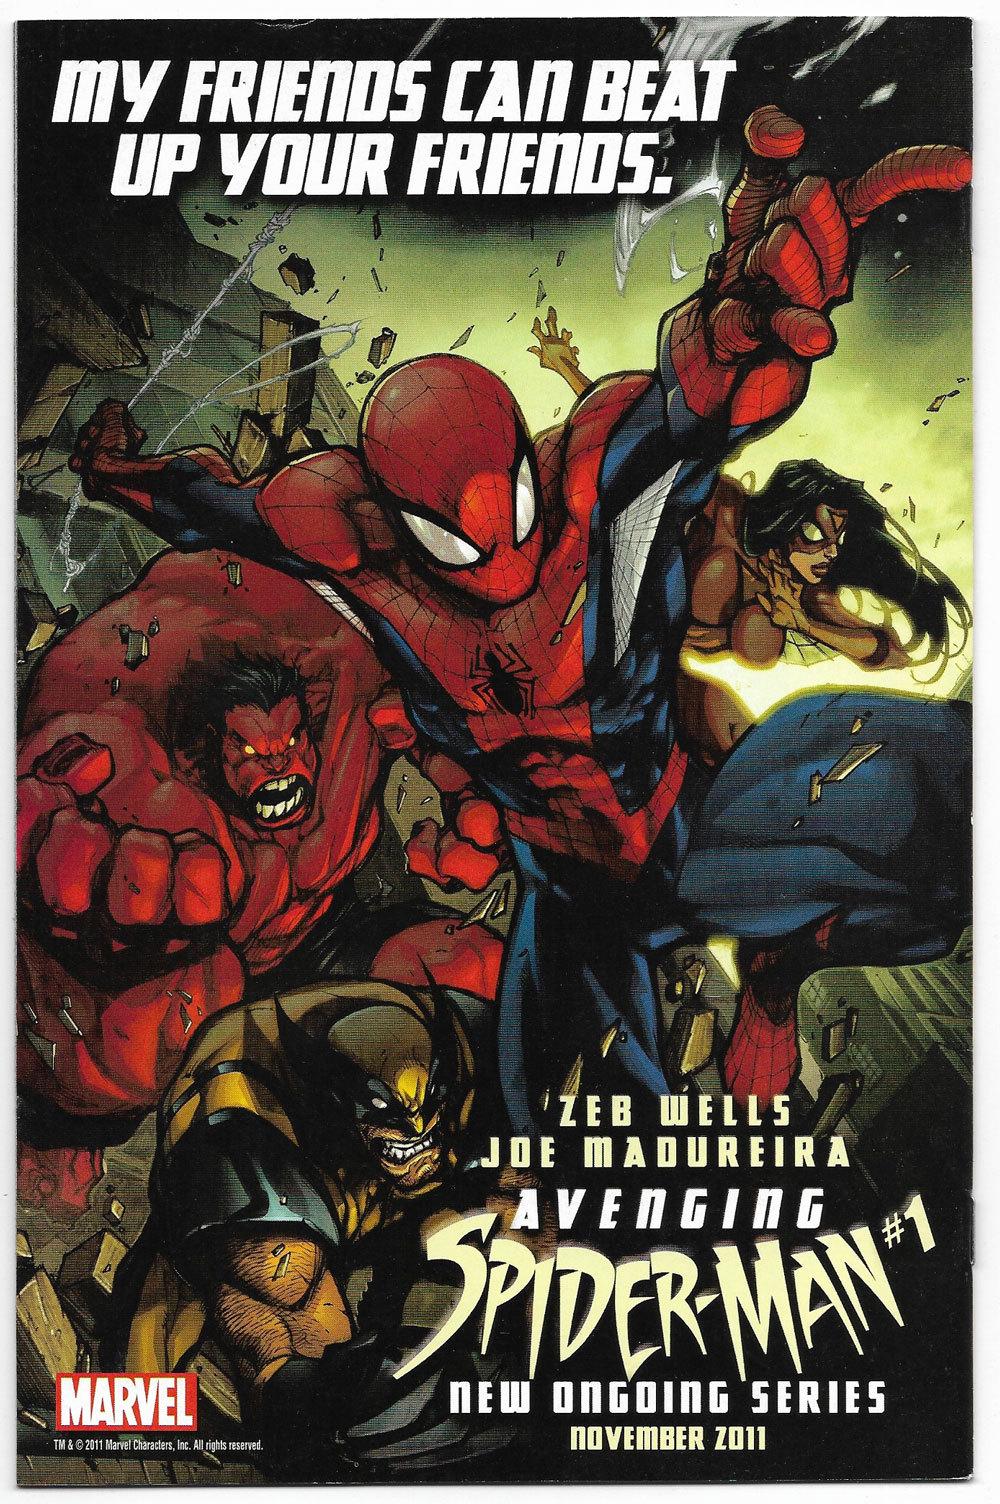 Incredible Hulk #1 Vol 4 2011 Marvel Comics (NM-)